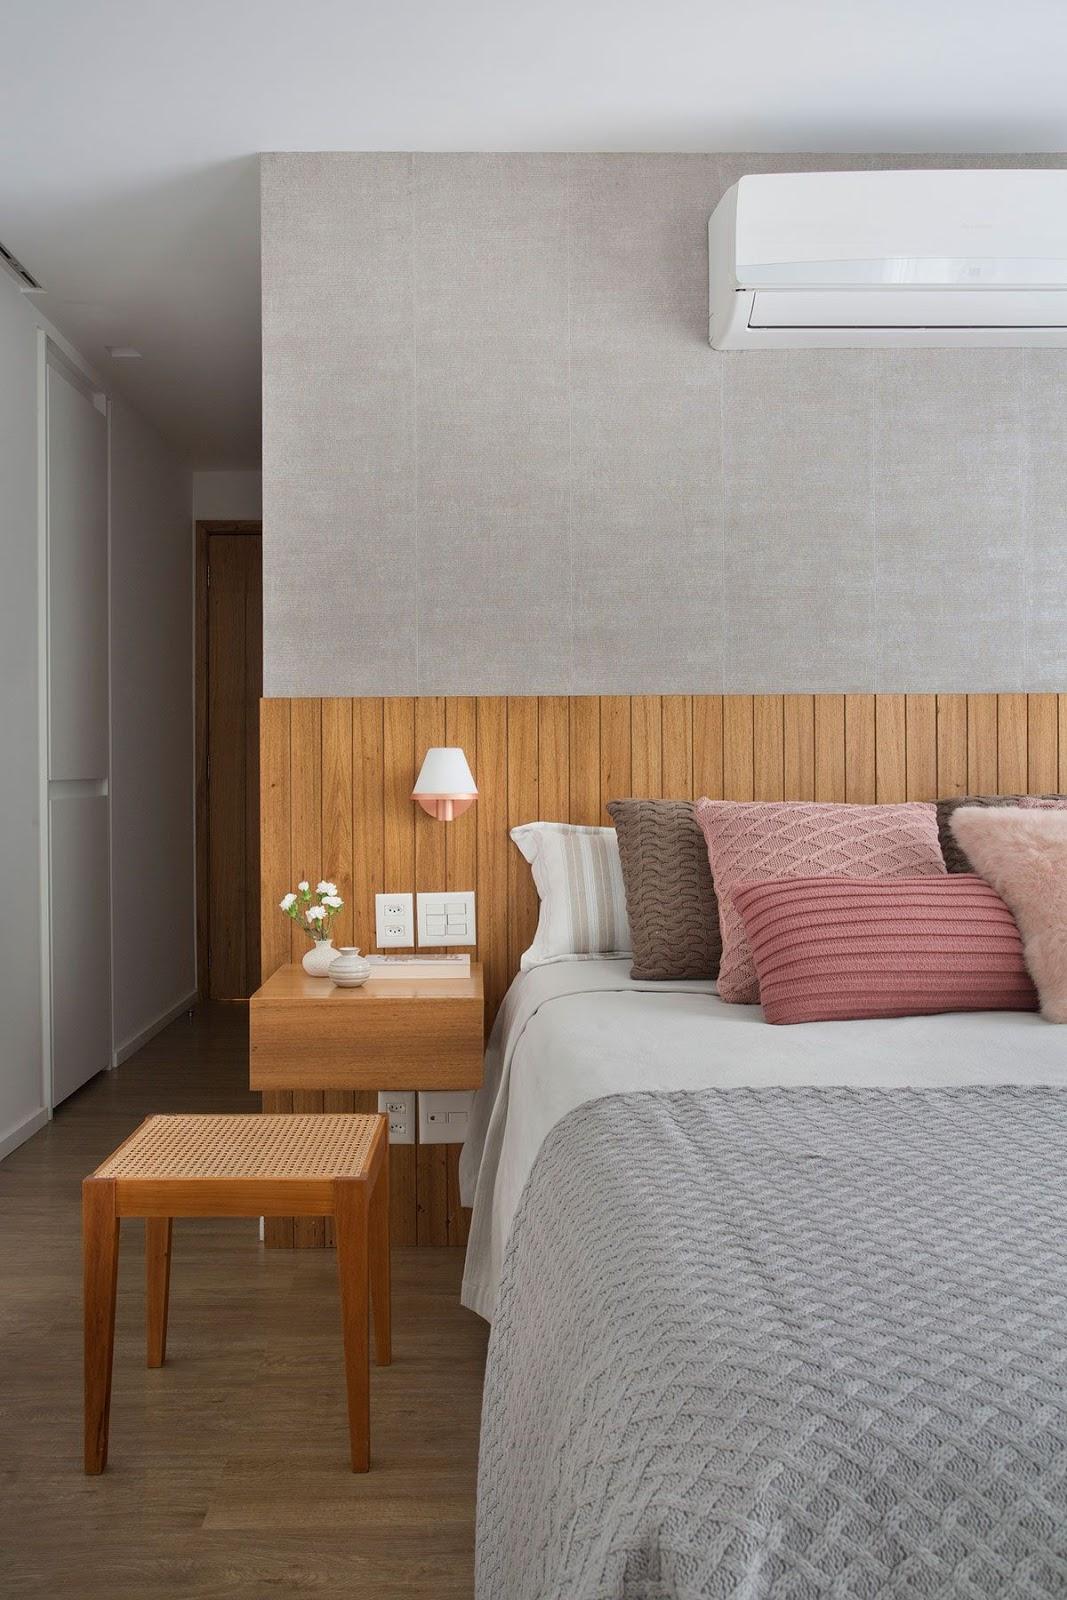 quarto casal parede textura tecido